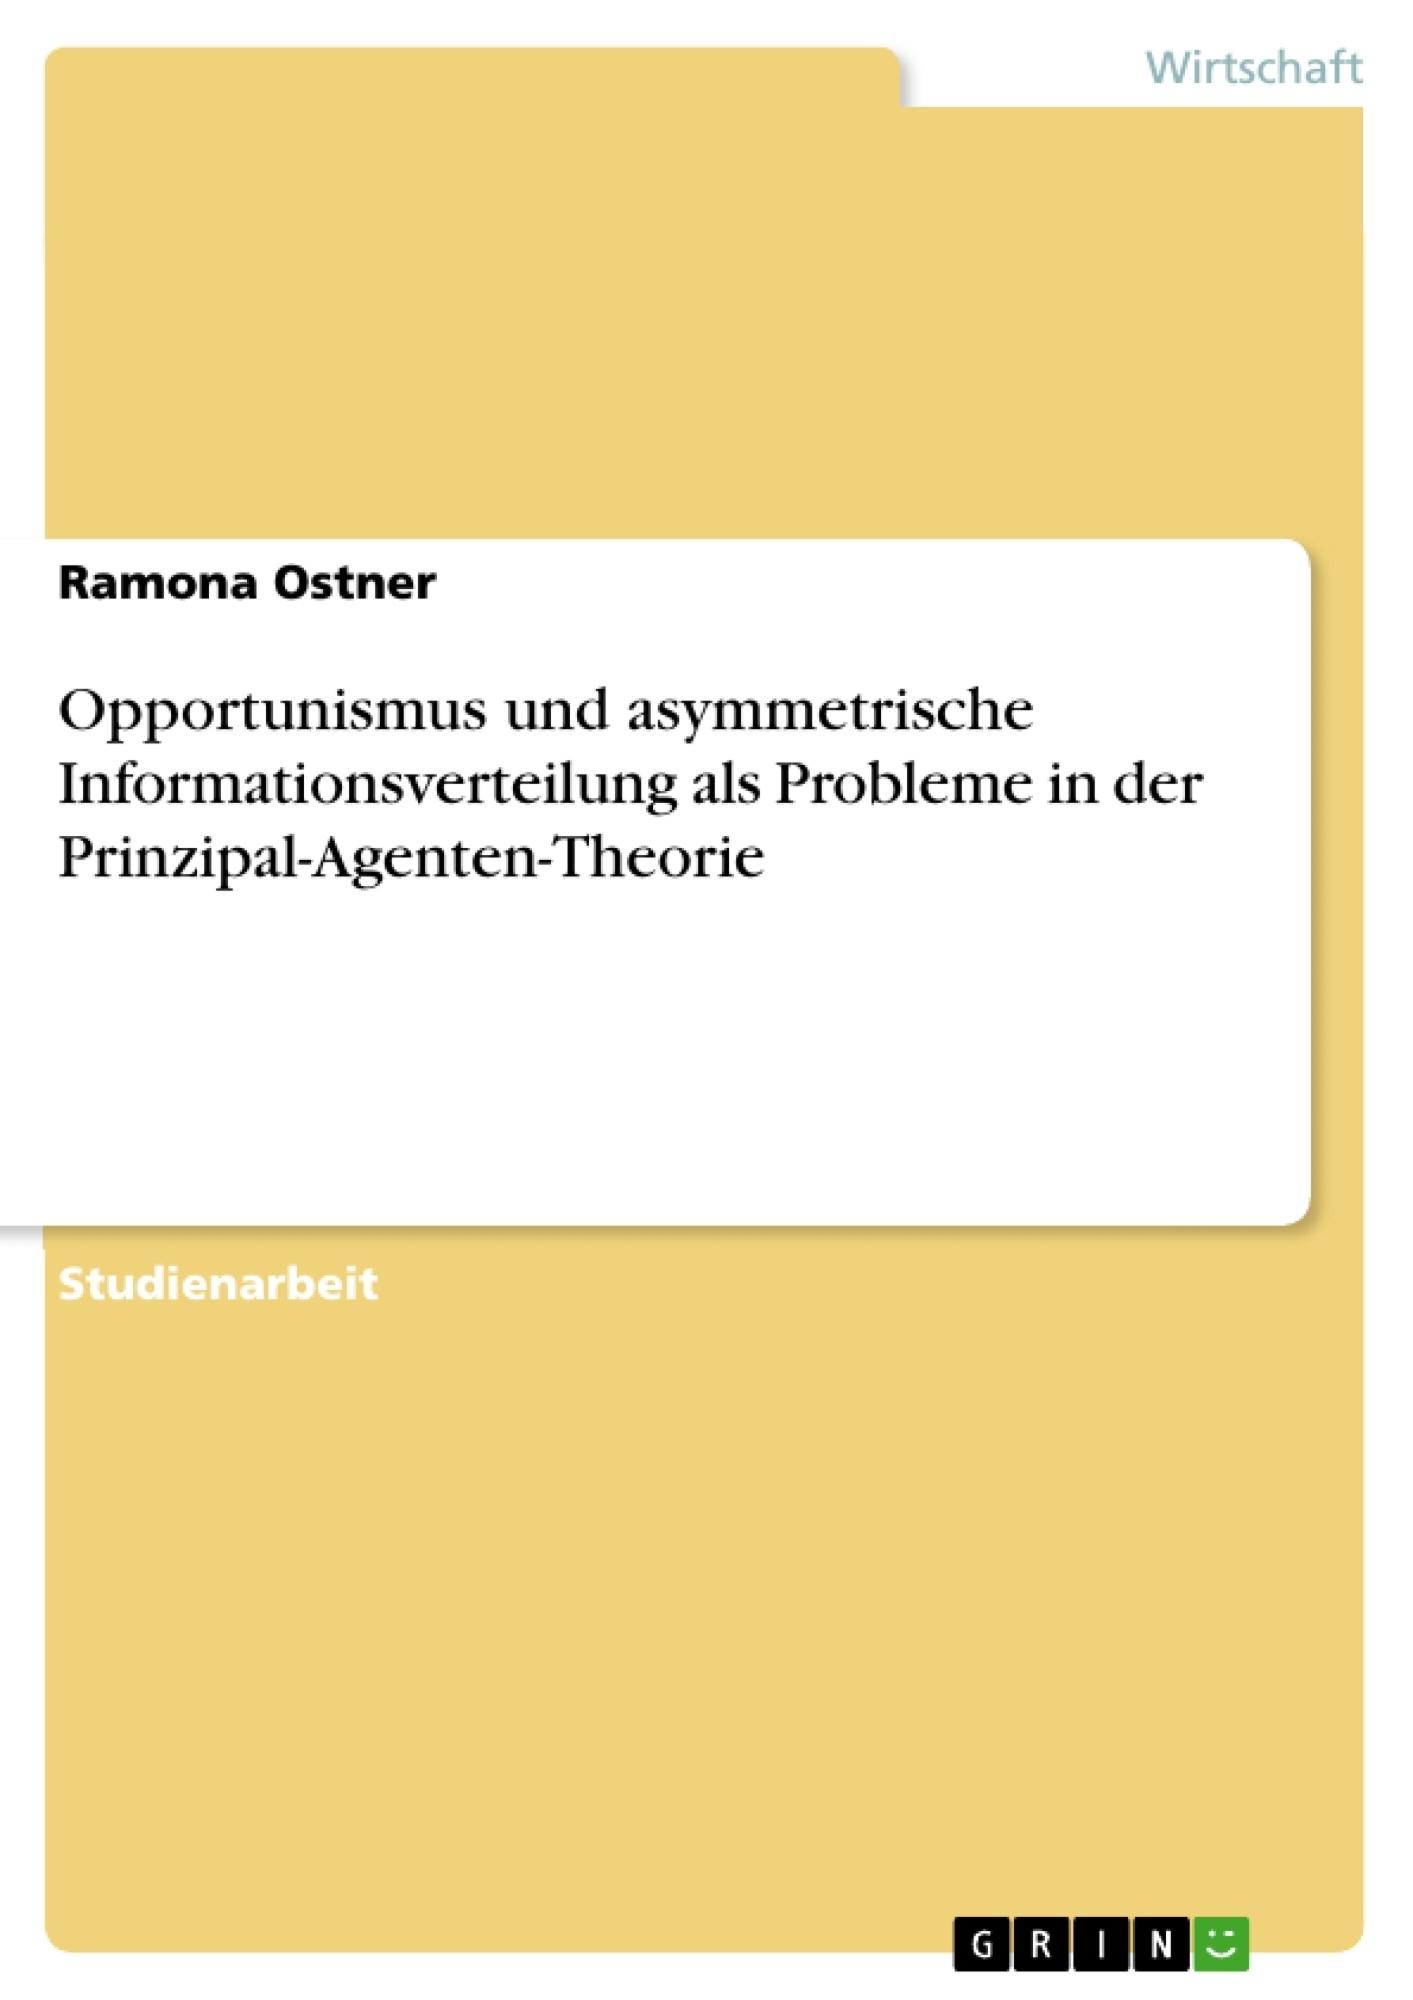 Titel: Opportunismus und asymmetrische Informationsverteilung als Probleme in der Prinzipal-Agenten-Theorie